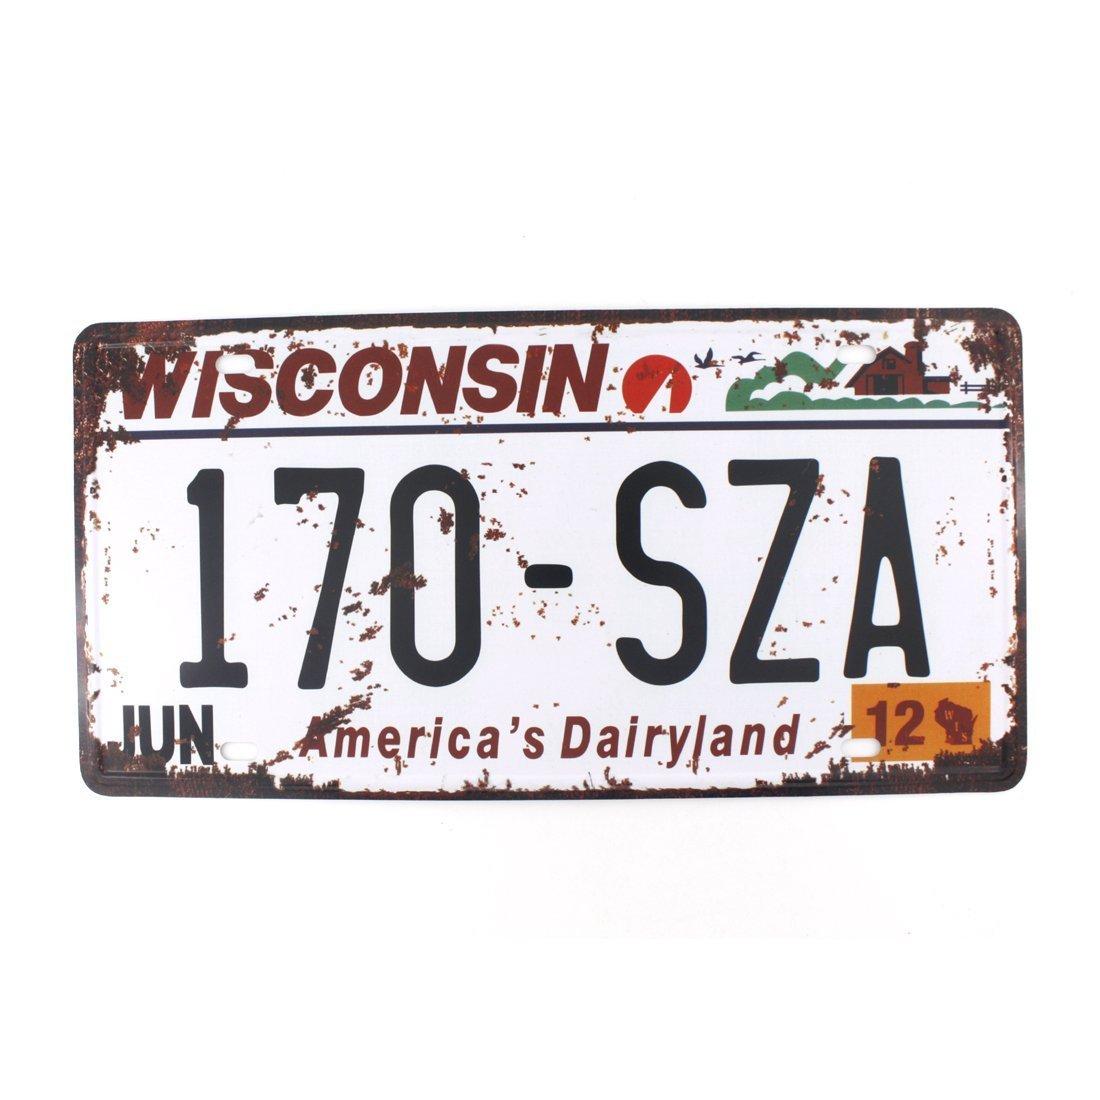 Eureya WISCONSIN 170-SZA - Placa de matrí cula para el coche, diseñ o vintage con texto en inglé s Home/Cafe Bar/Pub/Restaurante/Exhibition Wall Decor 6' x 12'